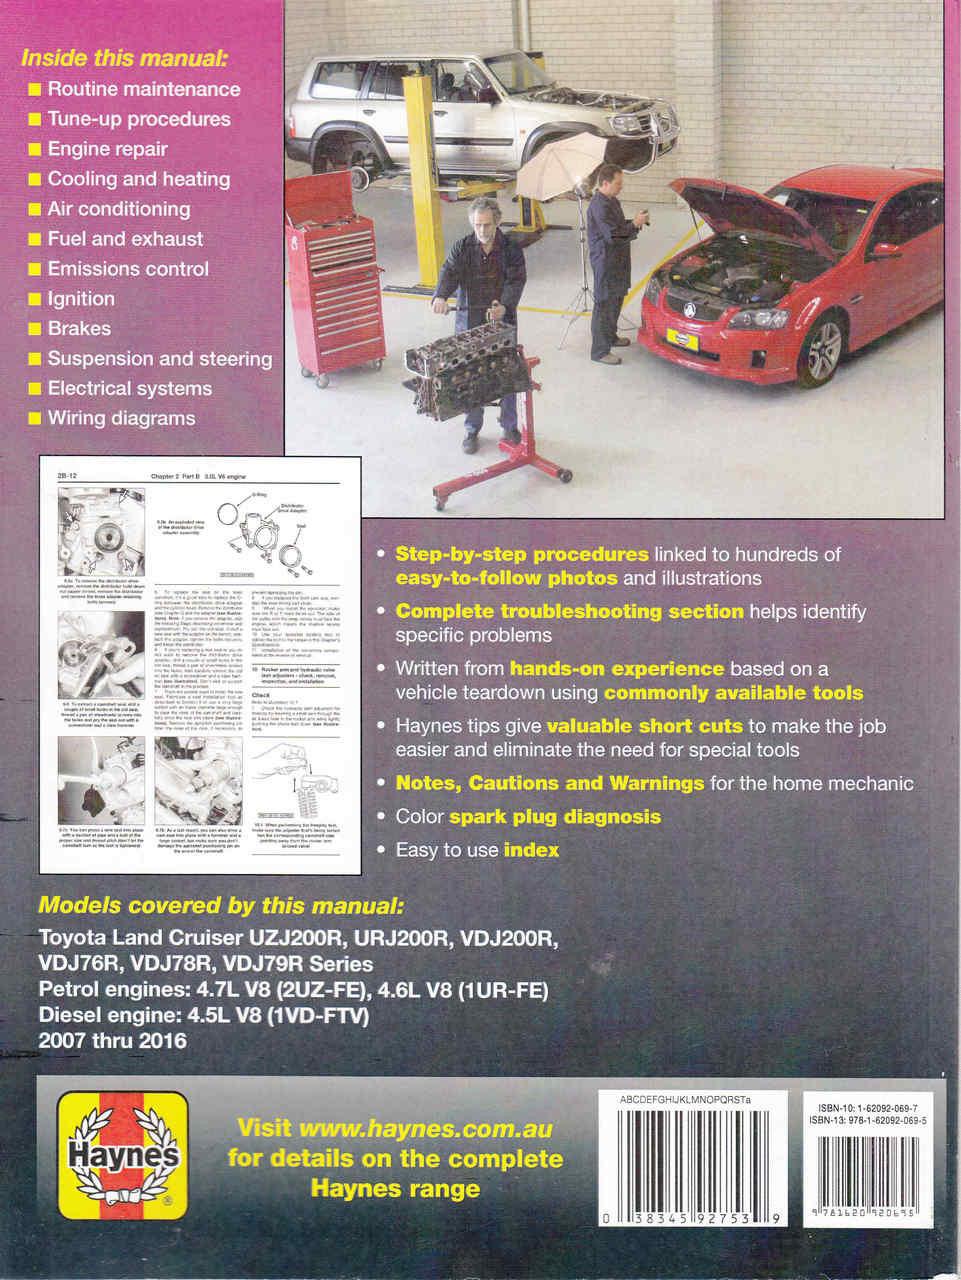 toyota land cruiser 76, 78, 79 and 200 series petrol \u0026 diesel 2007 2016 workshop manual